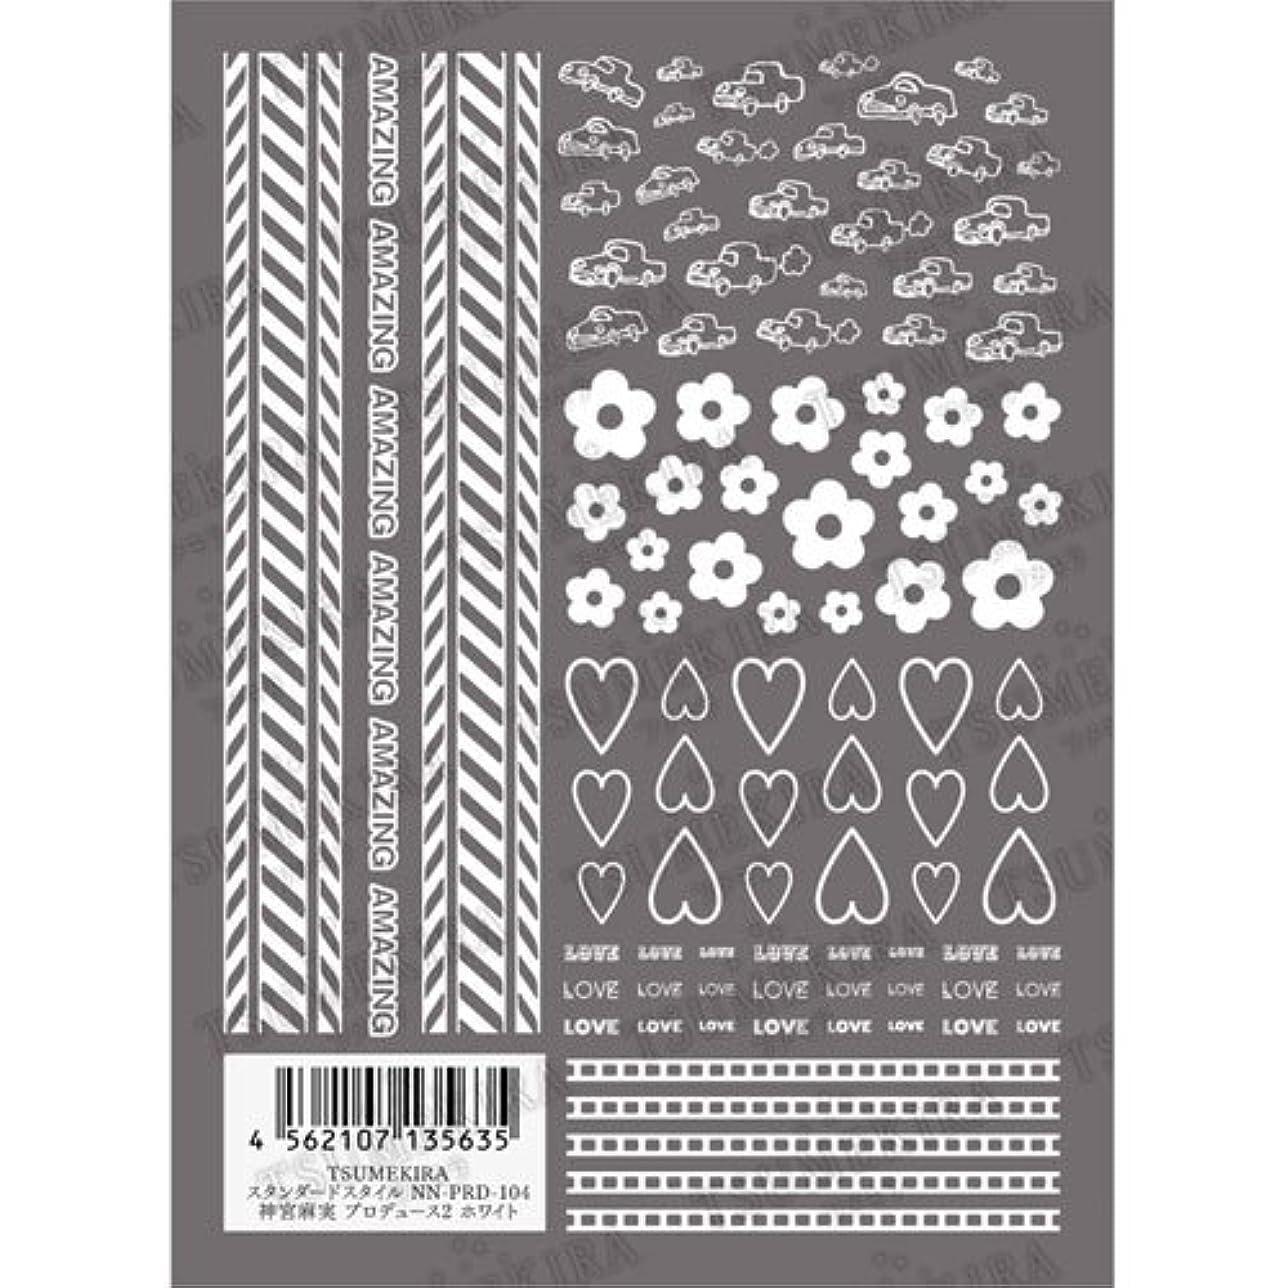 エーカー種類シンポジウムツメキラ ネイル用シール スタンダードスタイル 神宮麻美プロデュース2 ホワイト